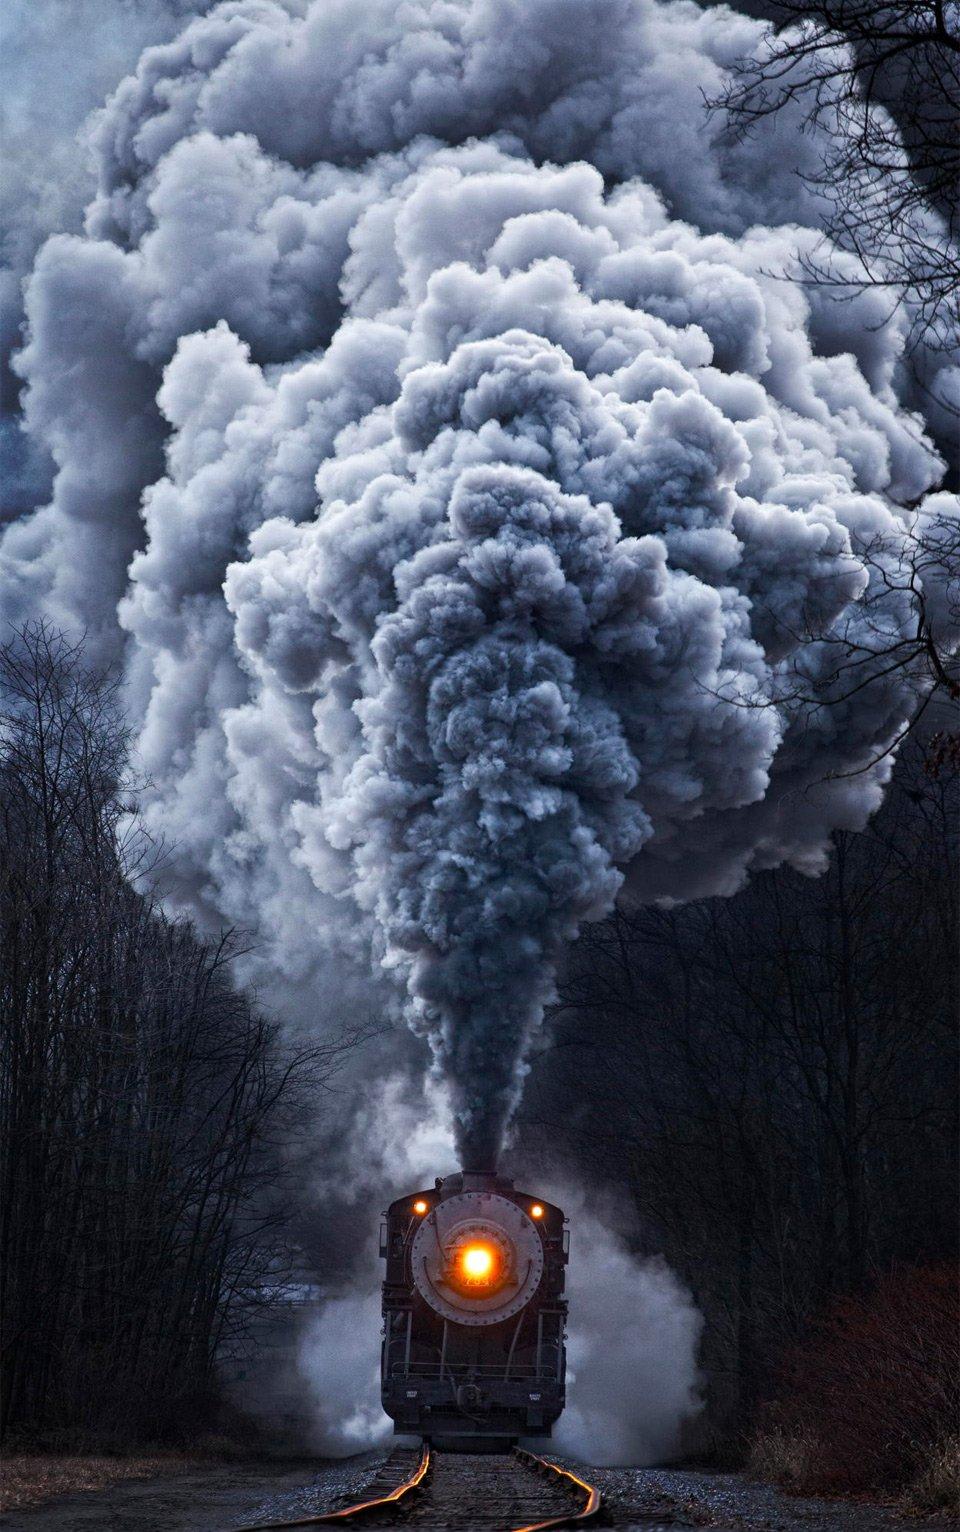 Powerful Train Locomotive | Photography by ©Matthew Malkiewicz https://t.co/Y9ZApU9oI8